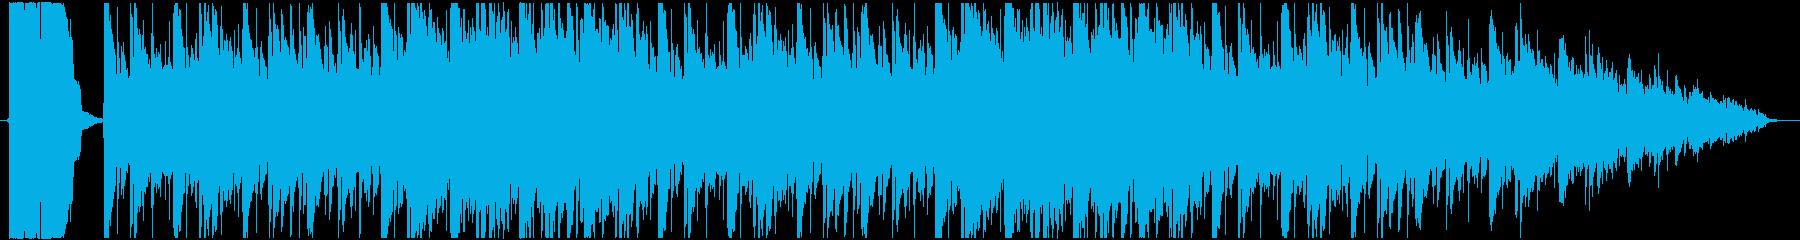 リザルトジングル&ループ(ケルト)の再生済みの波形